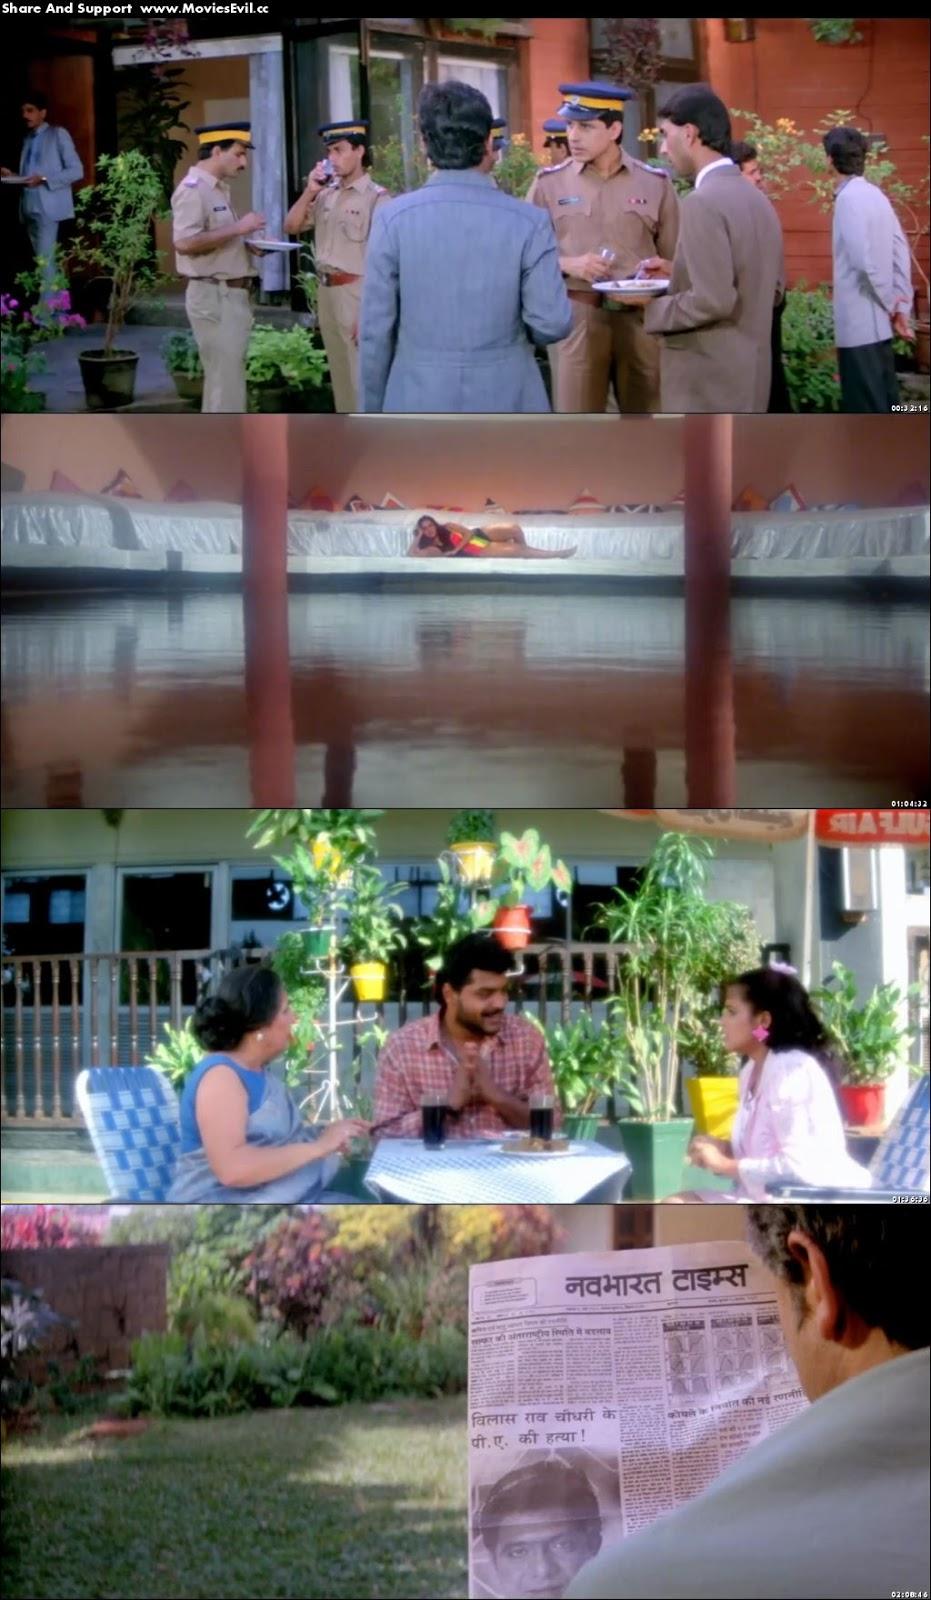 Vansh 1992 Hindi 720p HDRip x264 Full Movie Download,Vansh 1992 direct link download, 300 mb download, watch online hd,Vansh 1992 watch online hd,Vansh 1992 movie hd download 720p,Vansh 1992720p BluRay download